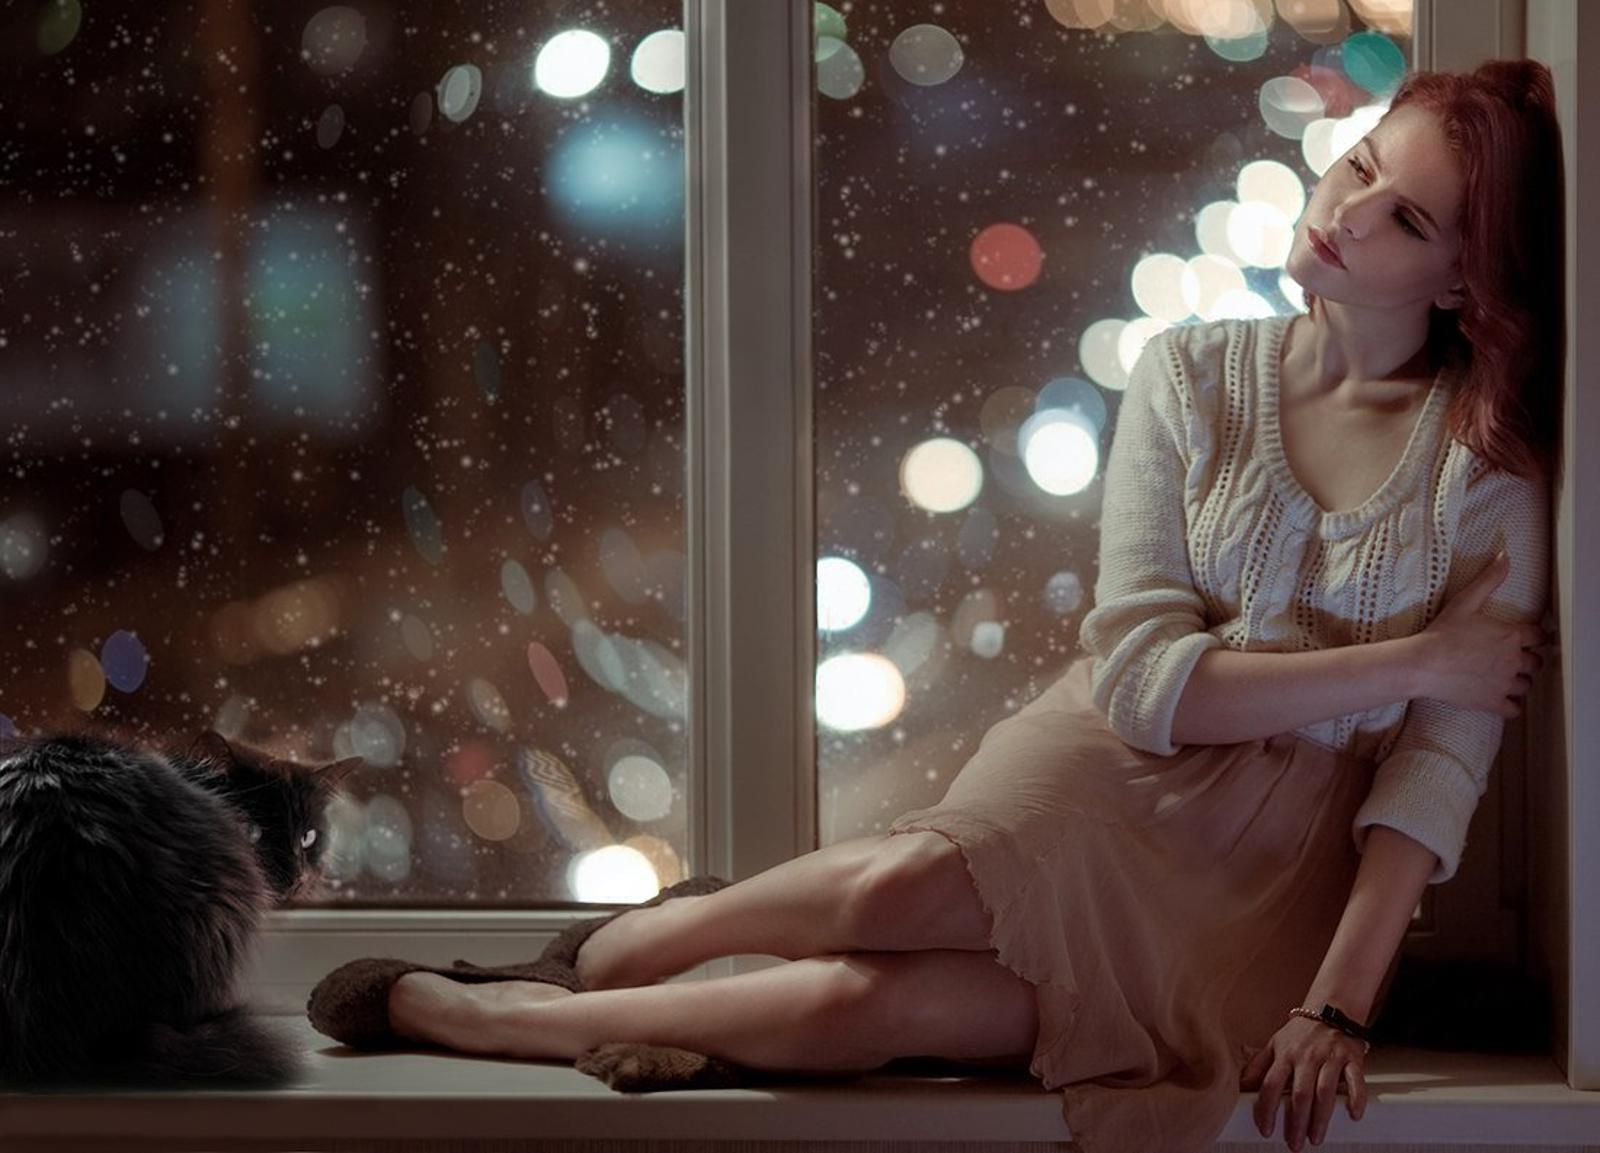 Почему мы не хотим встречать Новый год в одиночестве и так ли это грустно